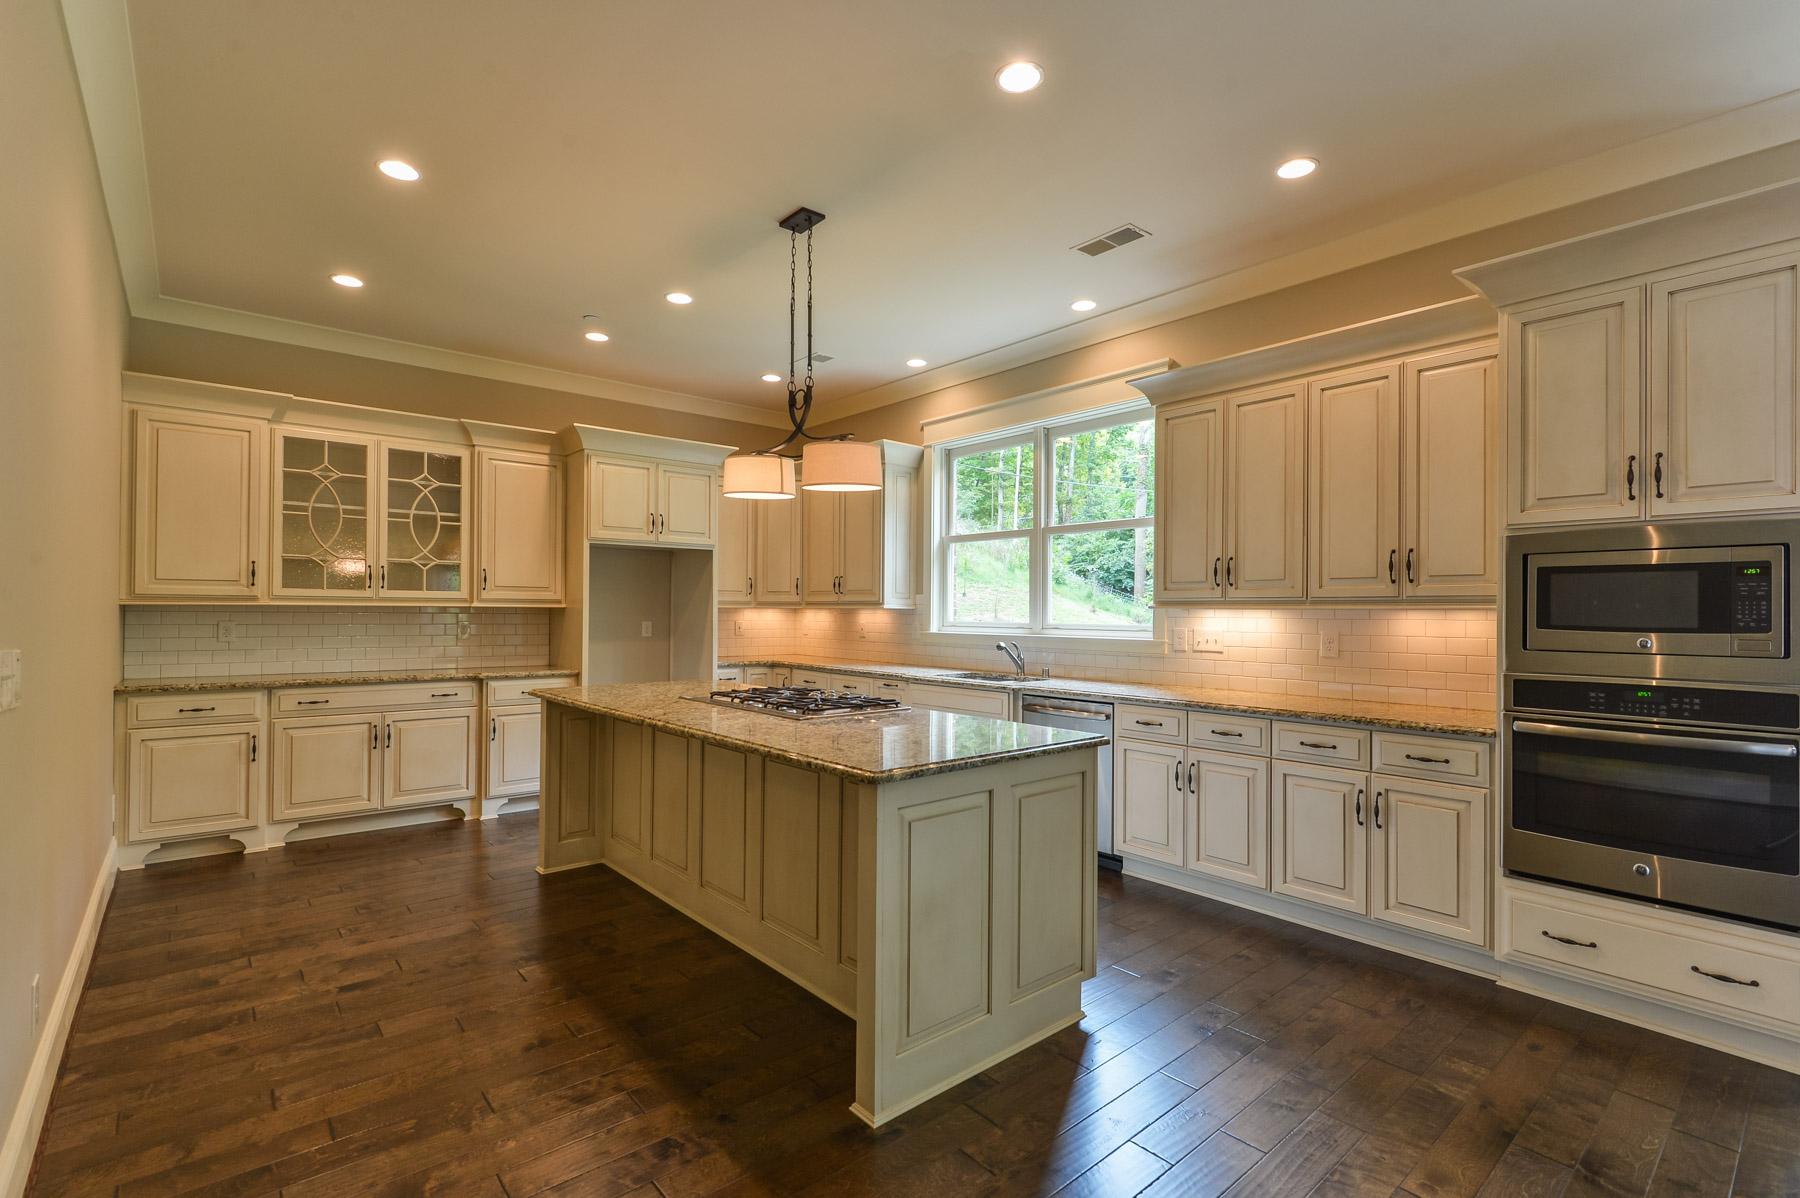 Property For Sale at 8500 Harrods Bridge Way, Unit 202